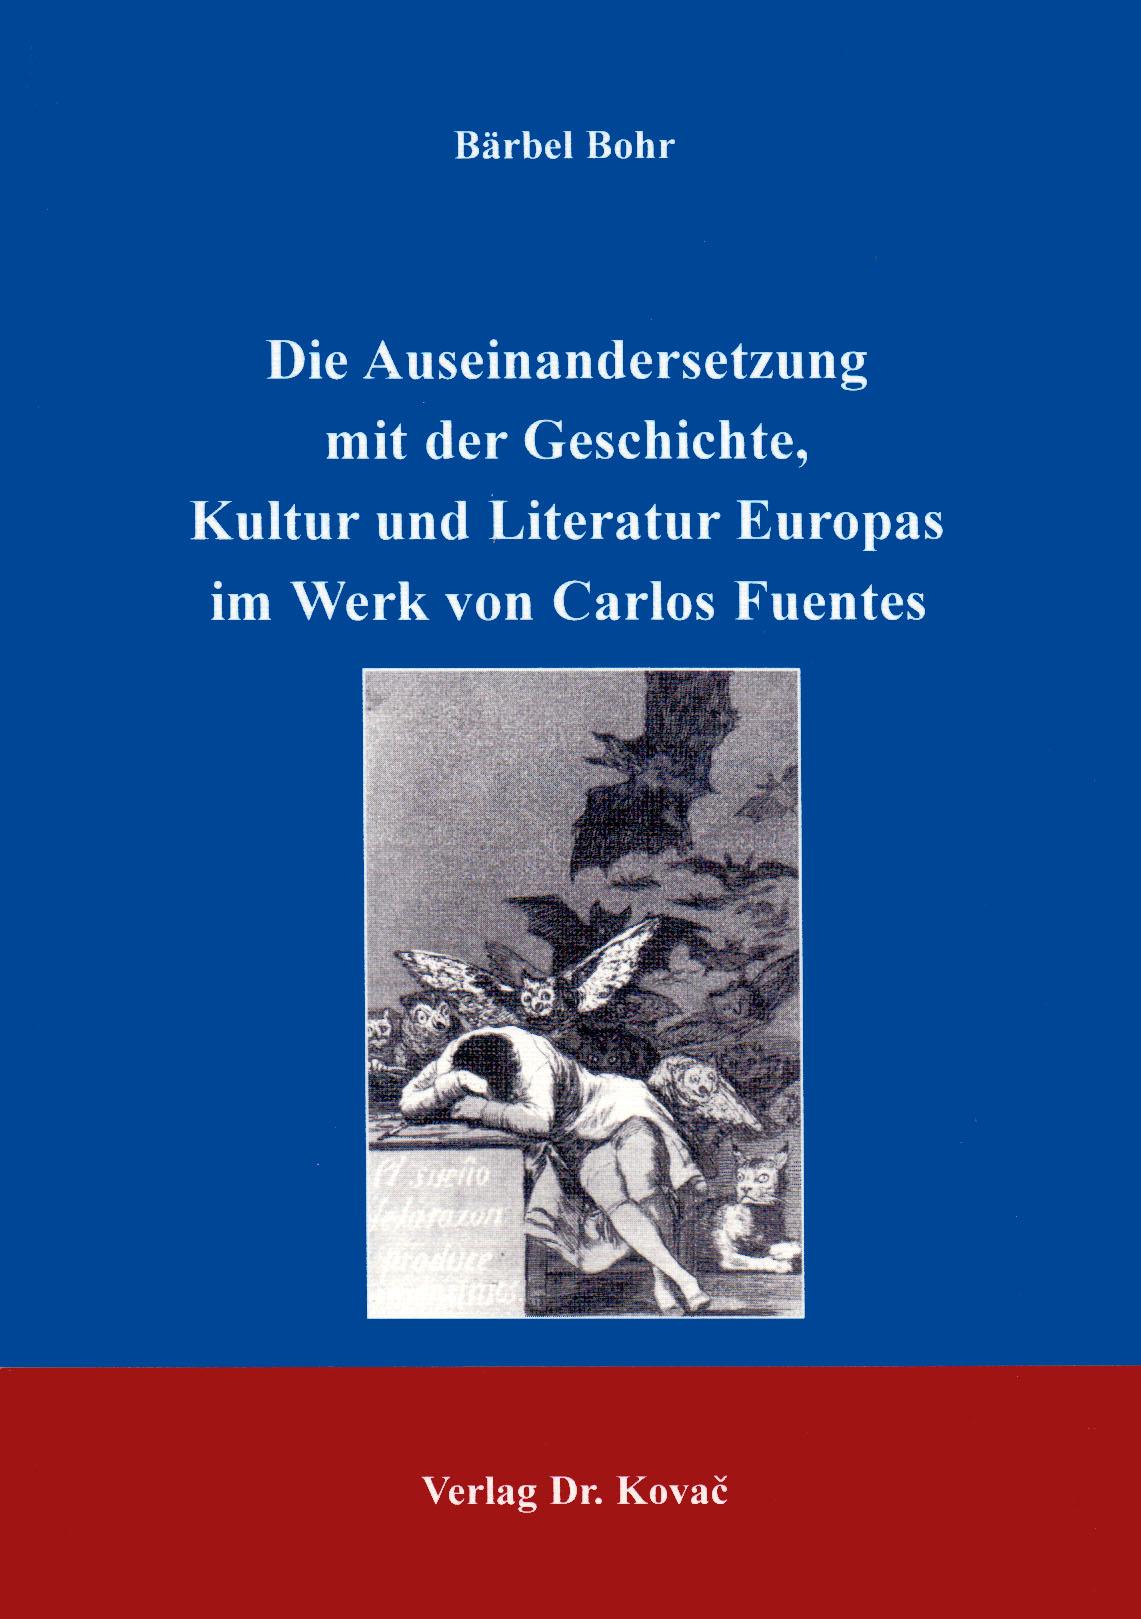 Cover: Die Auseinandersetzung mit Geschichte, Kultur und Literatur im Werk von Carlos Fuentes